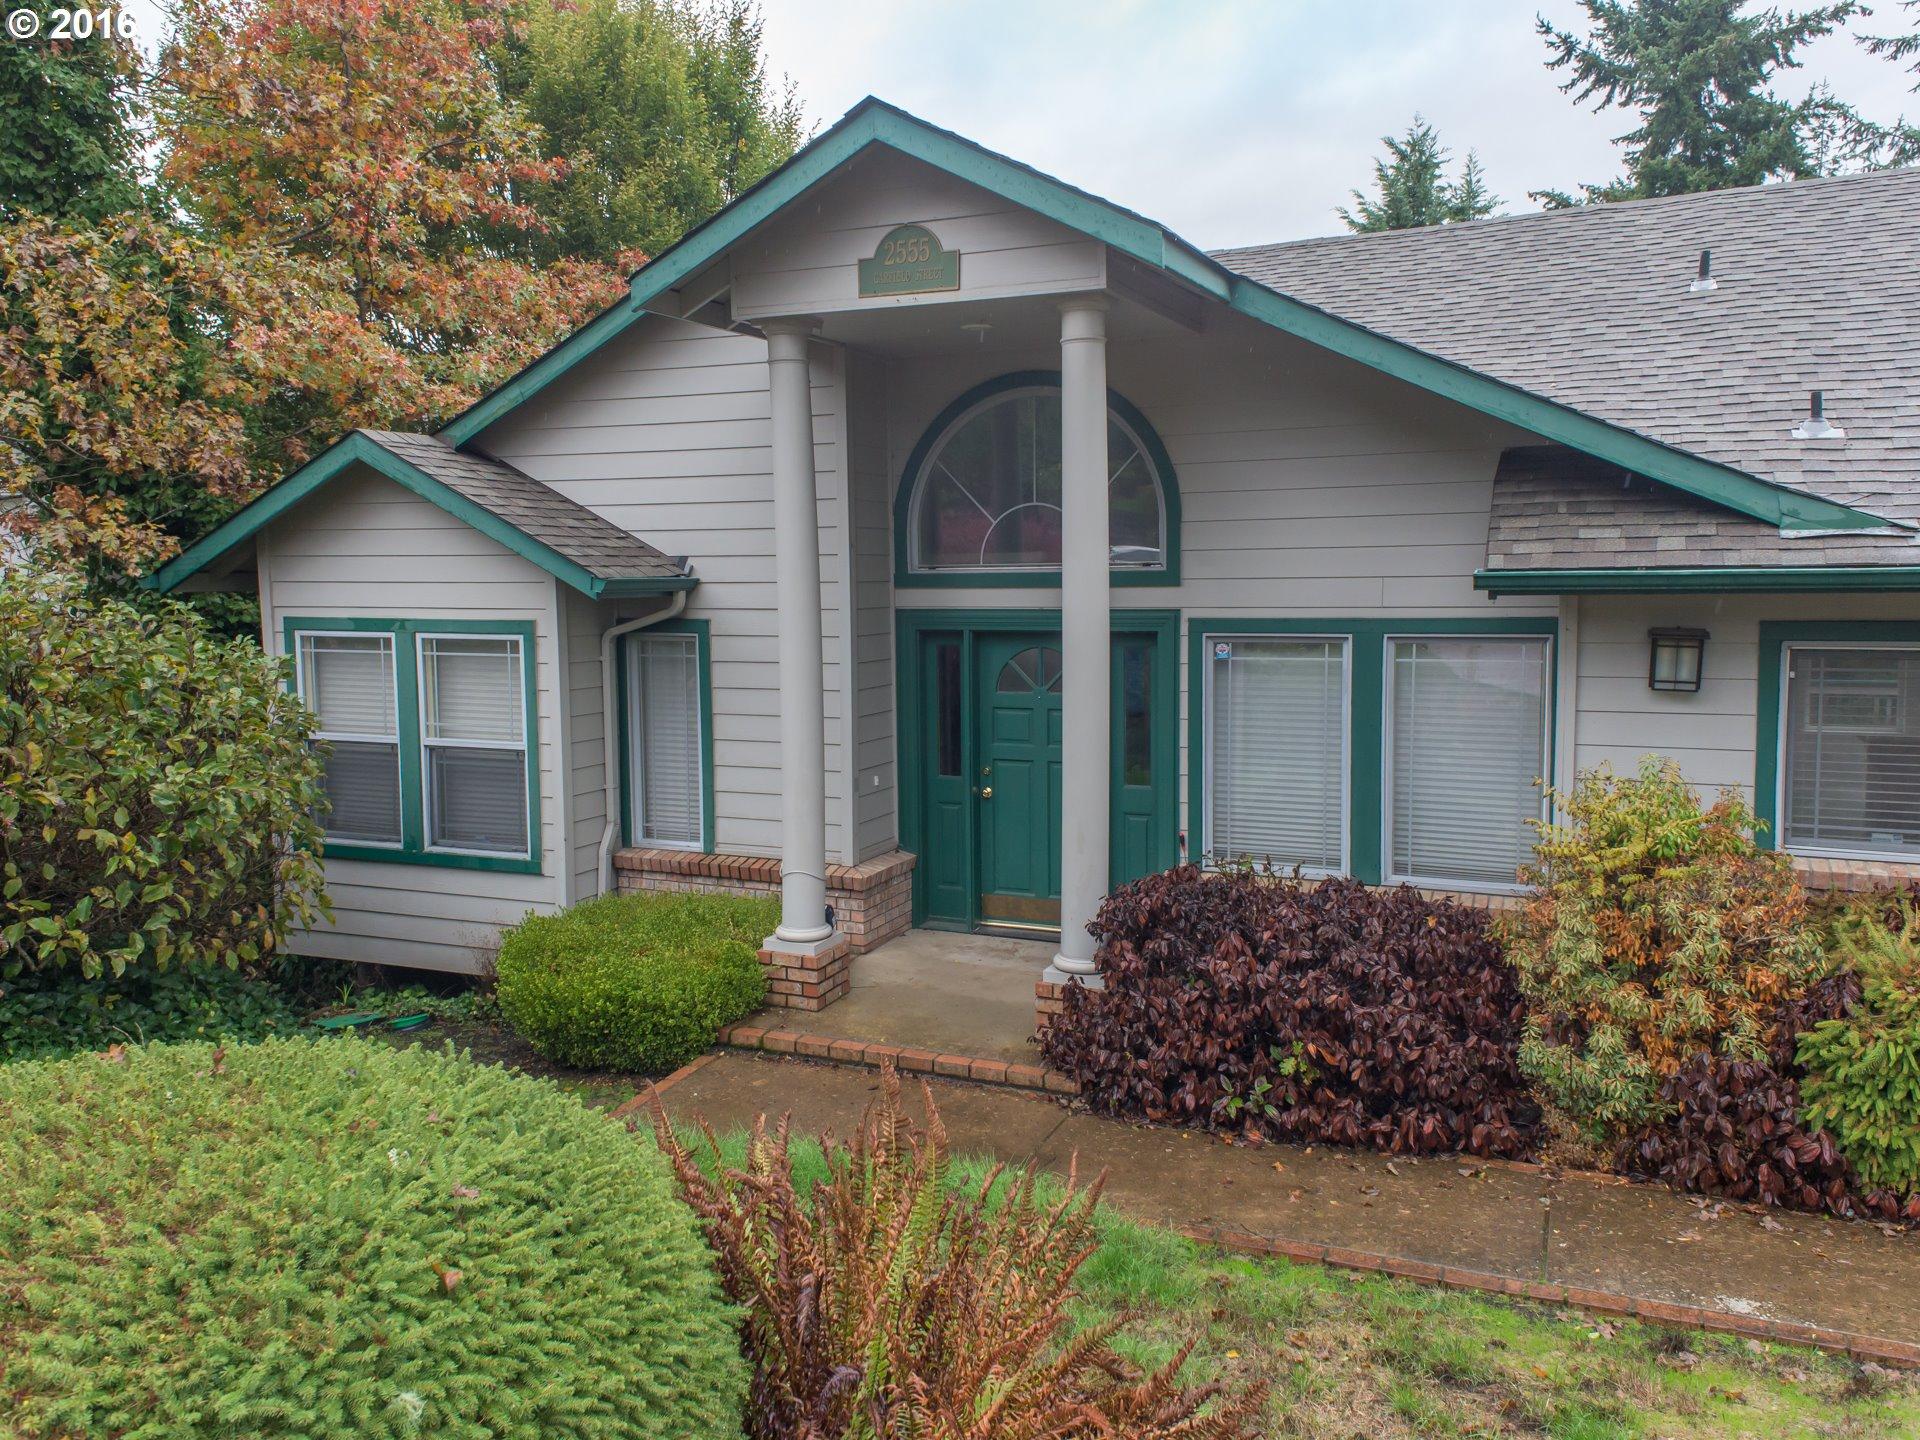 2555 GARFIELD ST, Eugene OR 97405